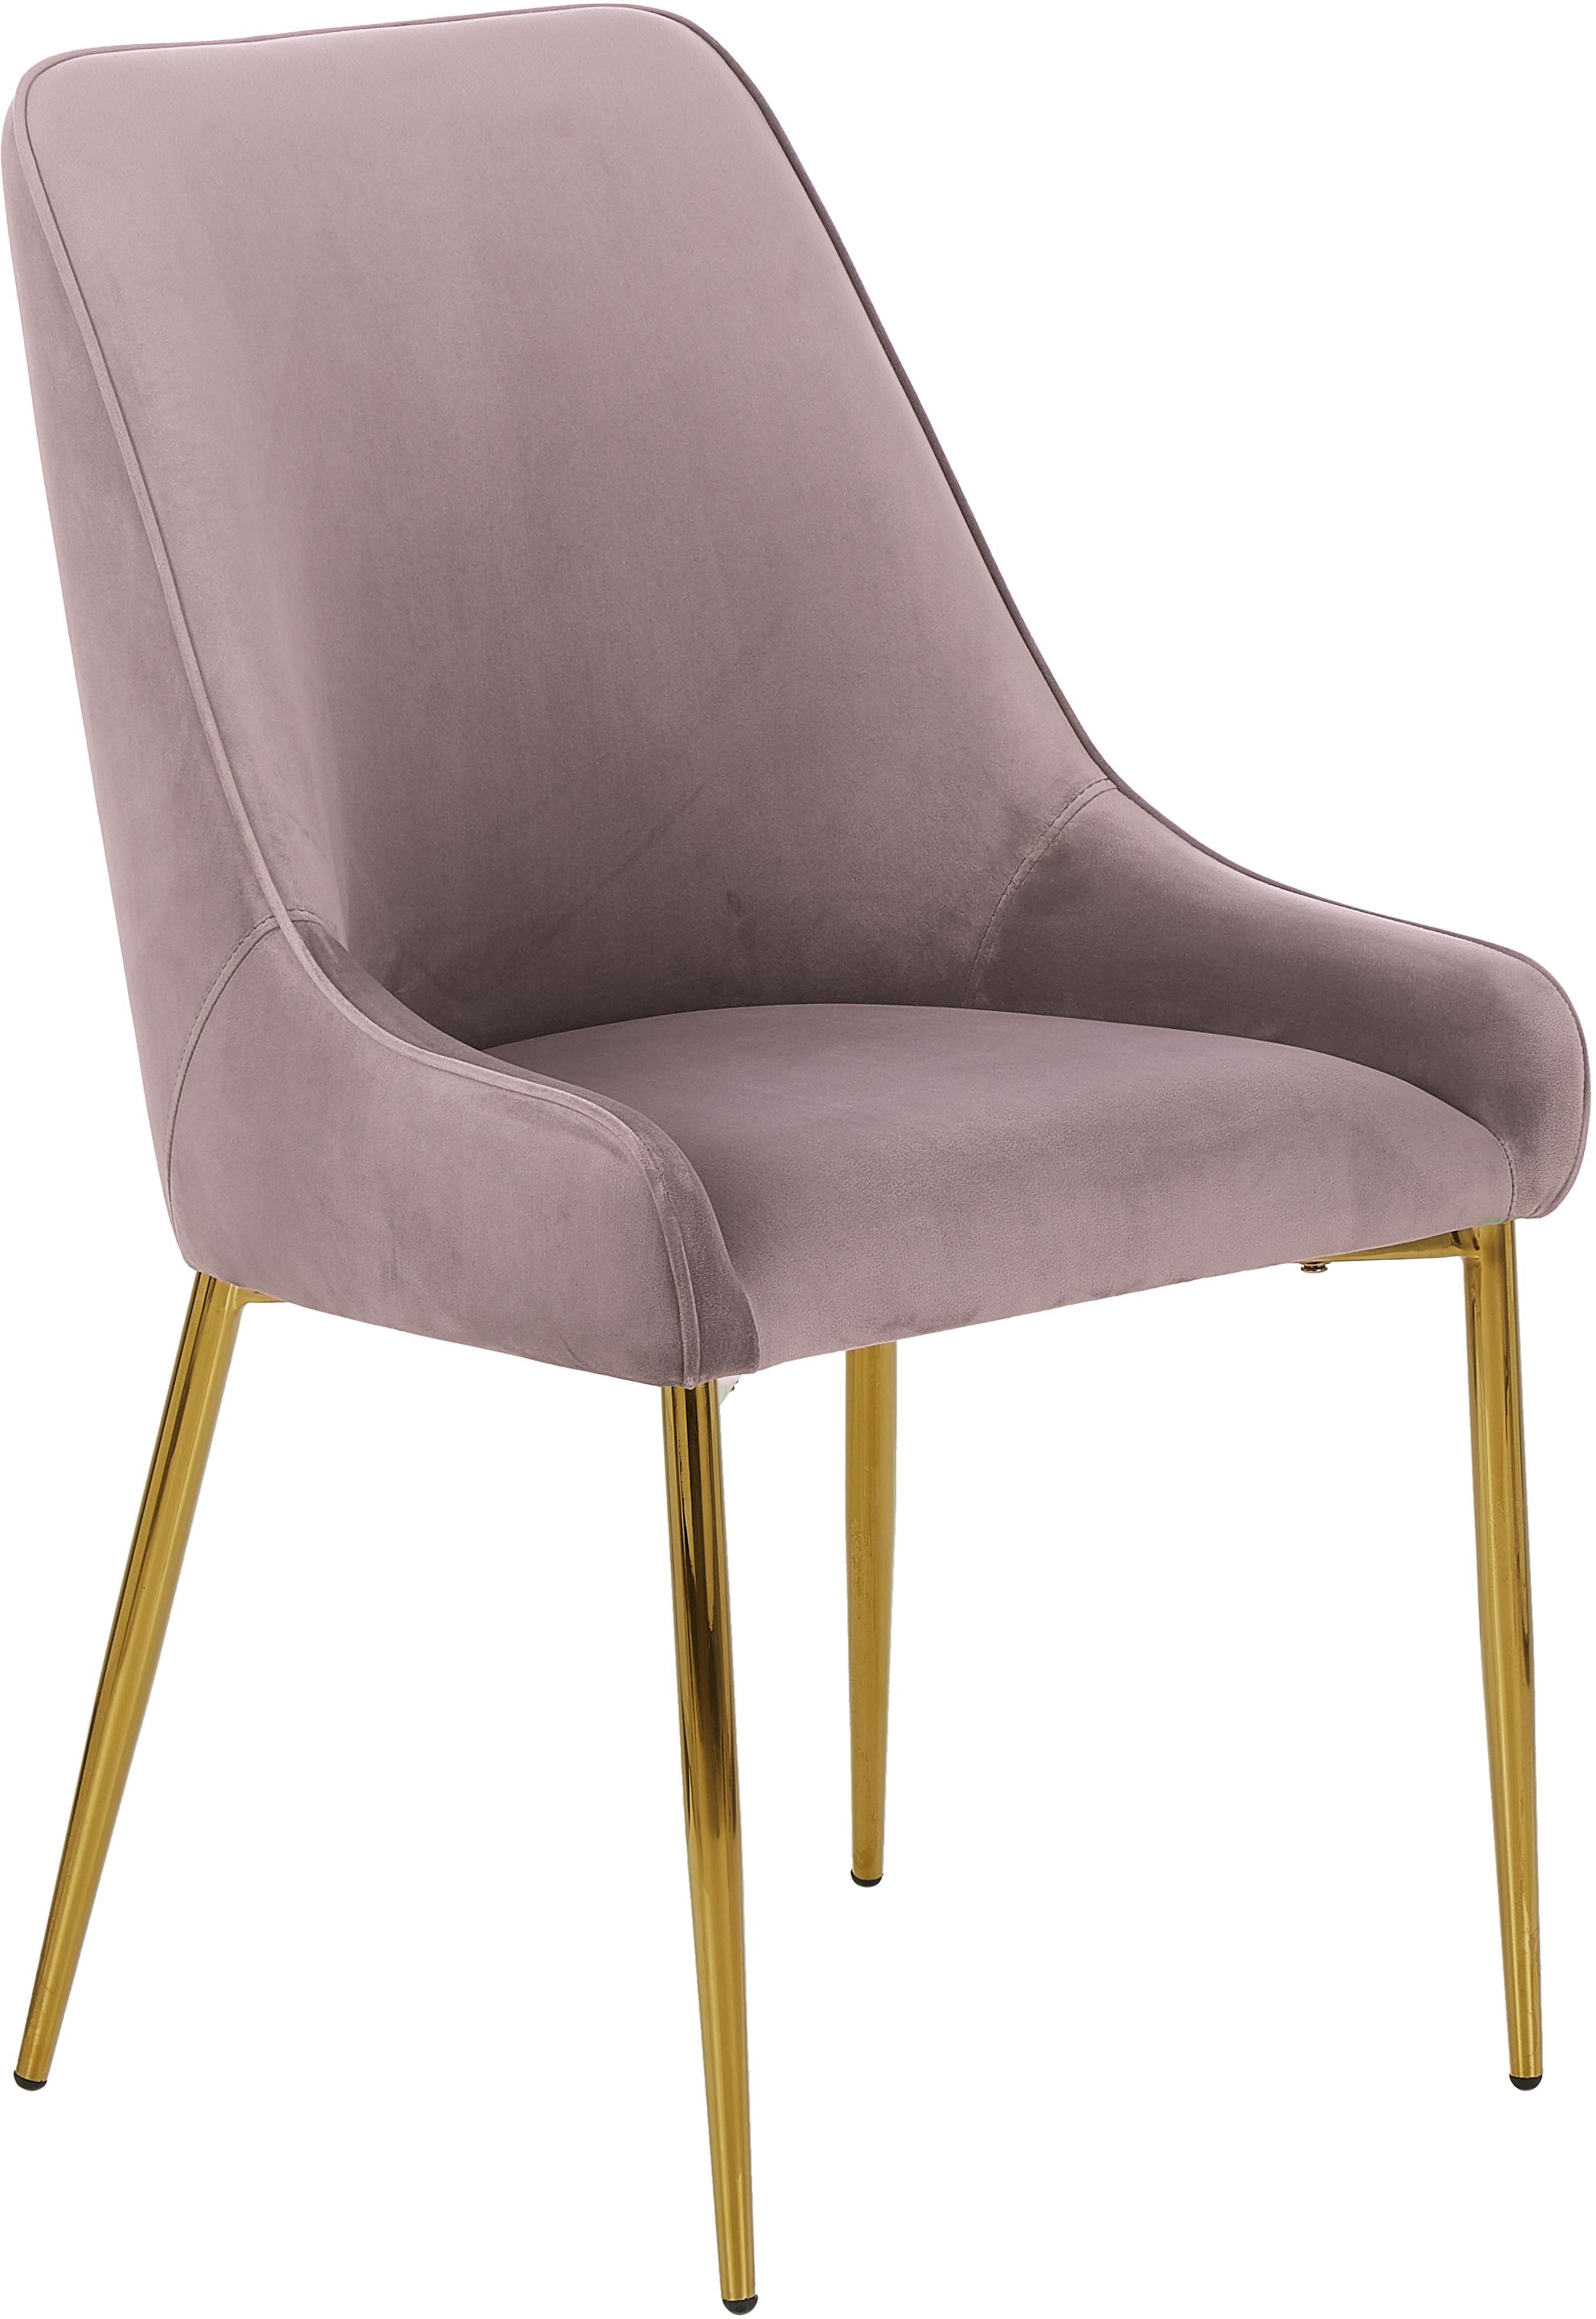 Krzesło tapicerowane z aksamitu Ava, Tapicerka: aksamit (100% poliester) , Nogi: metal galwanizowany, Aksamitny mauve, S 55 x G 60 cm